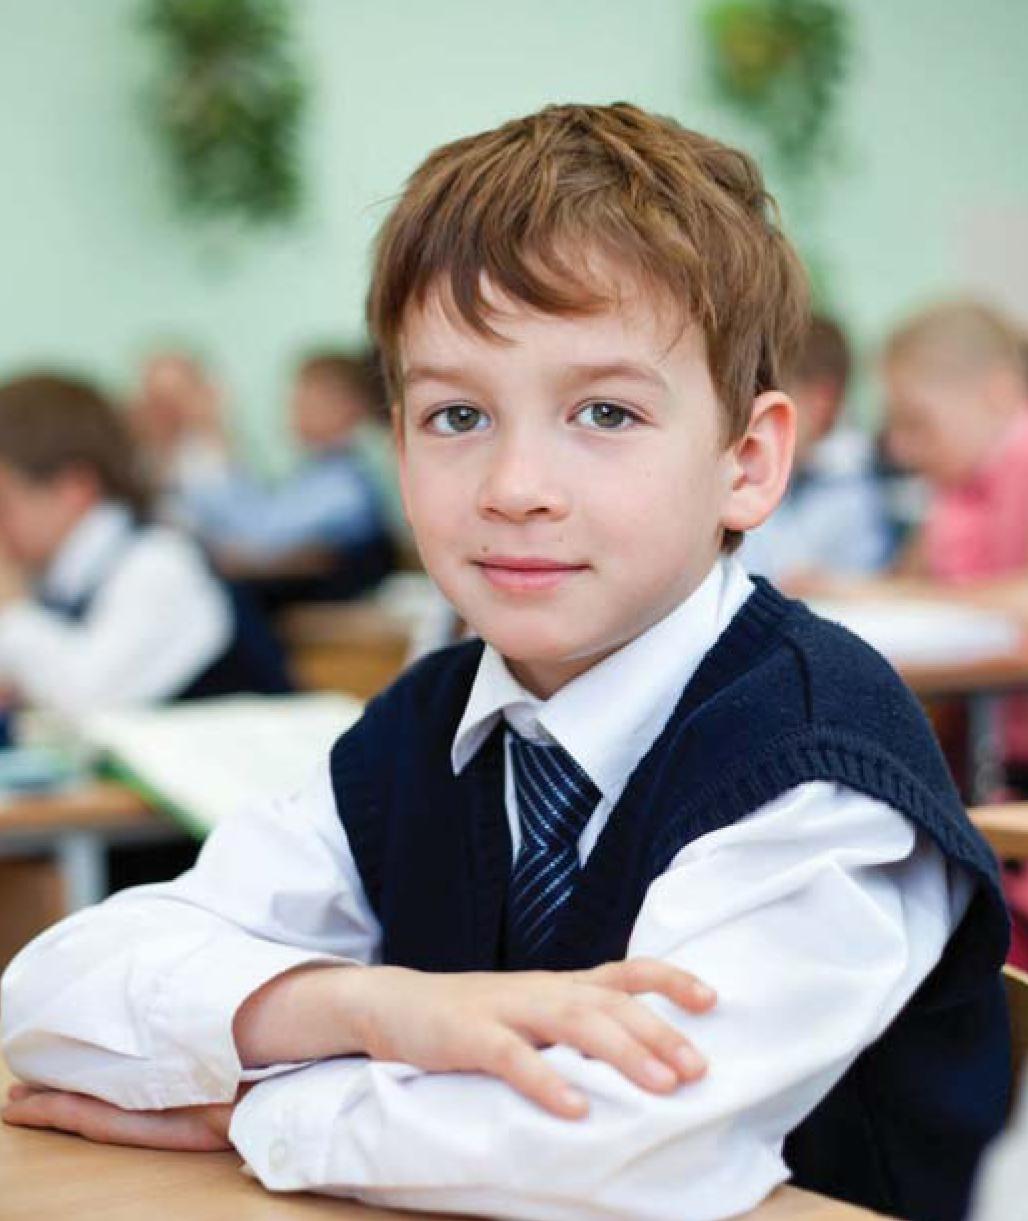 K-12 Private School Guide For Orange County